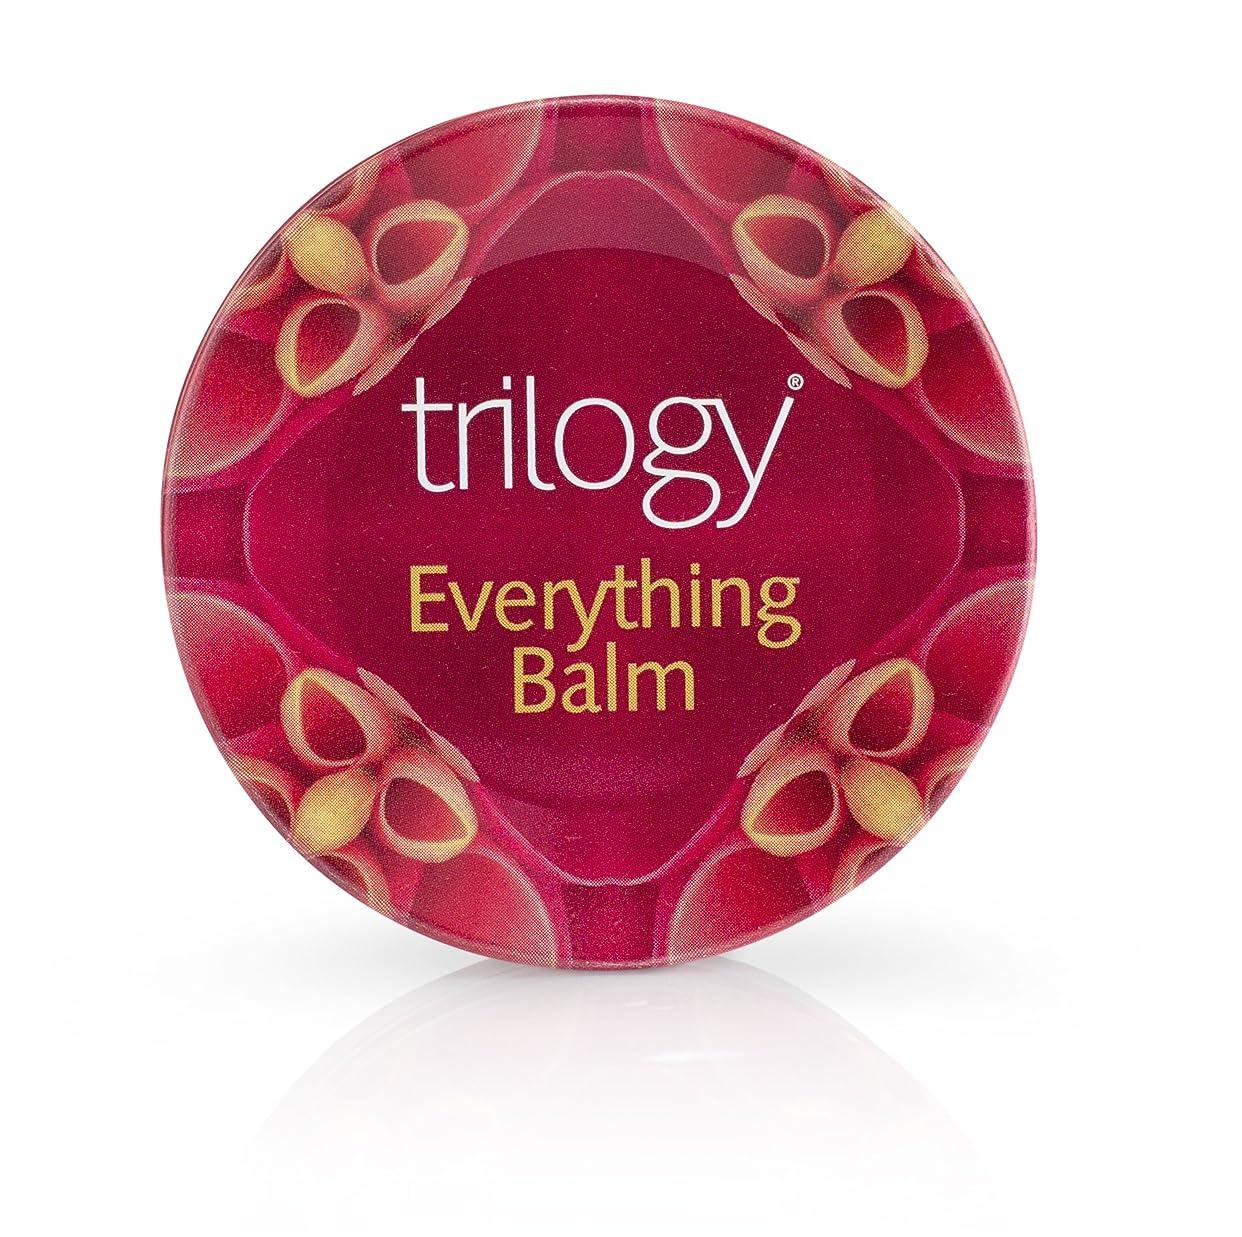 同化バトル不潔トリロジー(trilogy) エブリシング バーム 〈全身用バーム〉 (95mL)